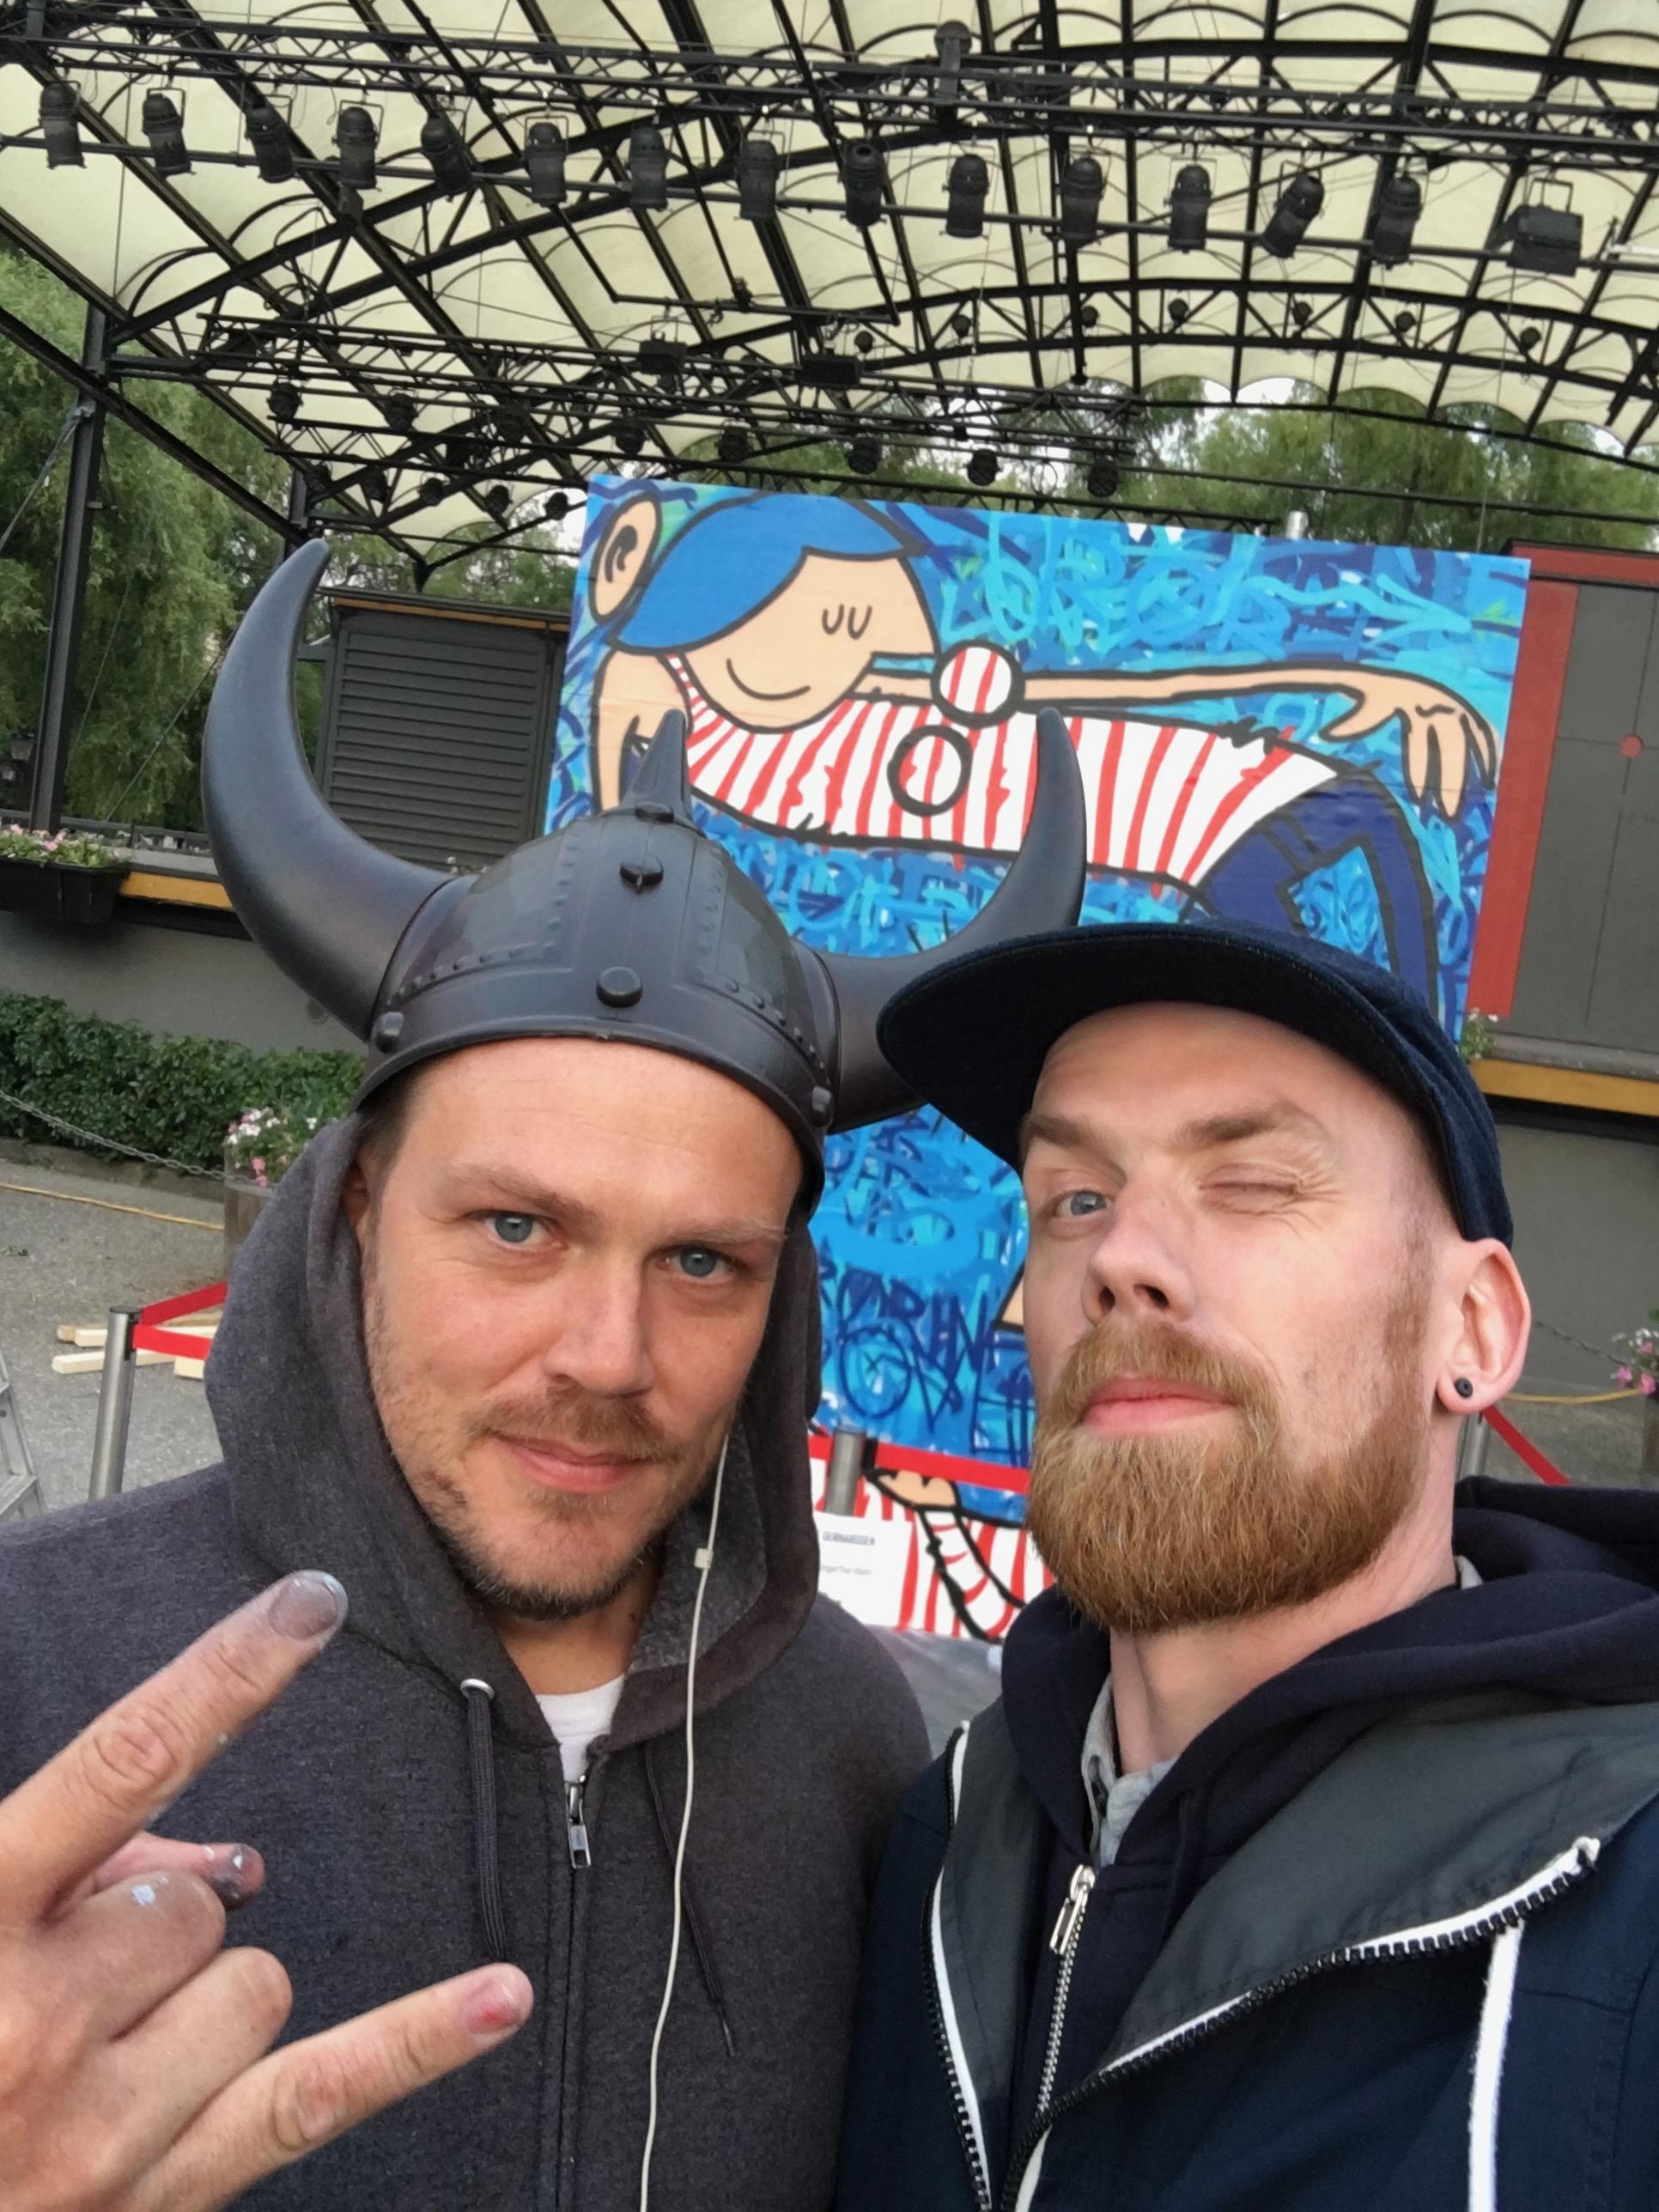 Tristan kjørte turistopplegget enda lenger enn meg. Han malte sin piece iført hjelm.